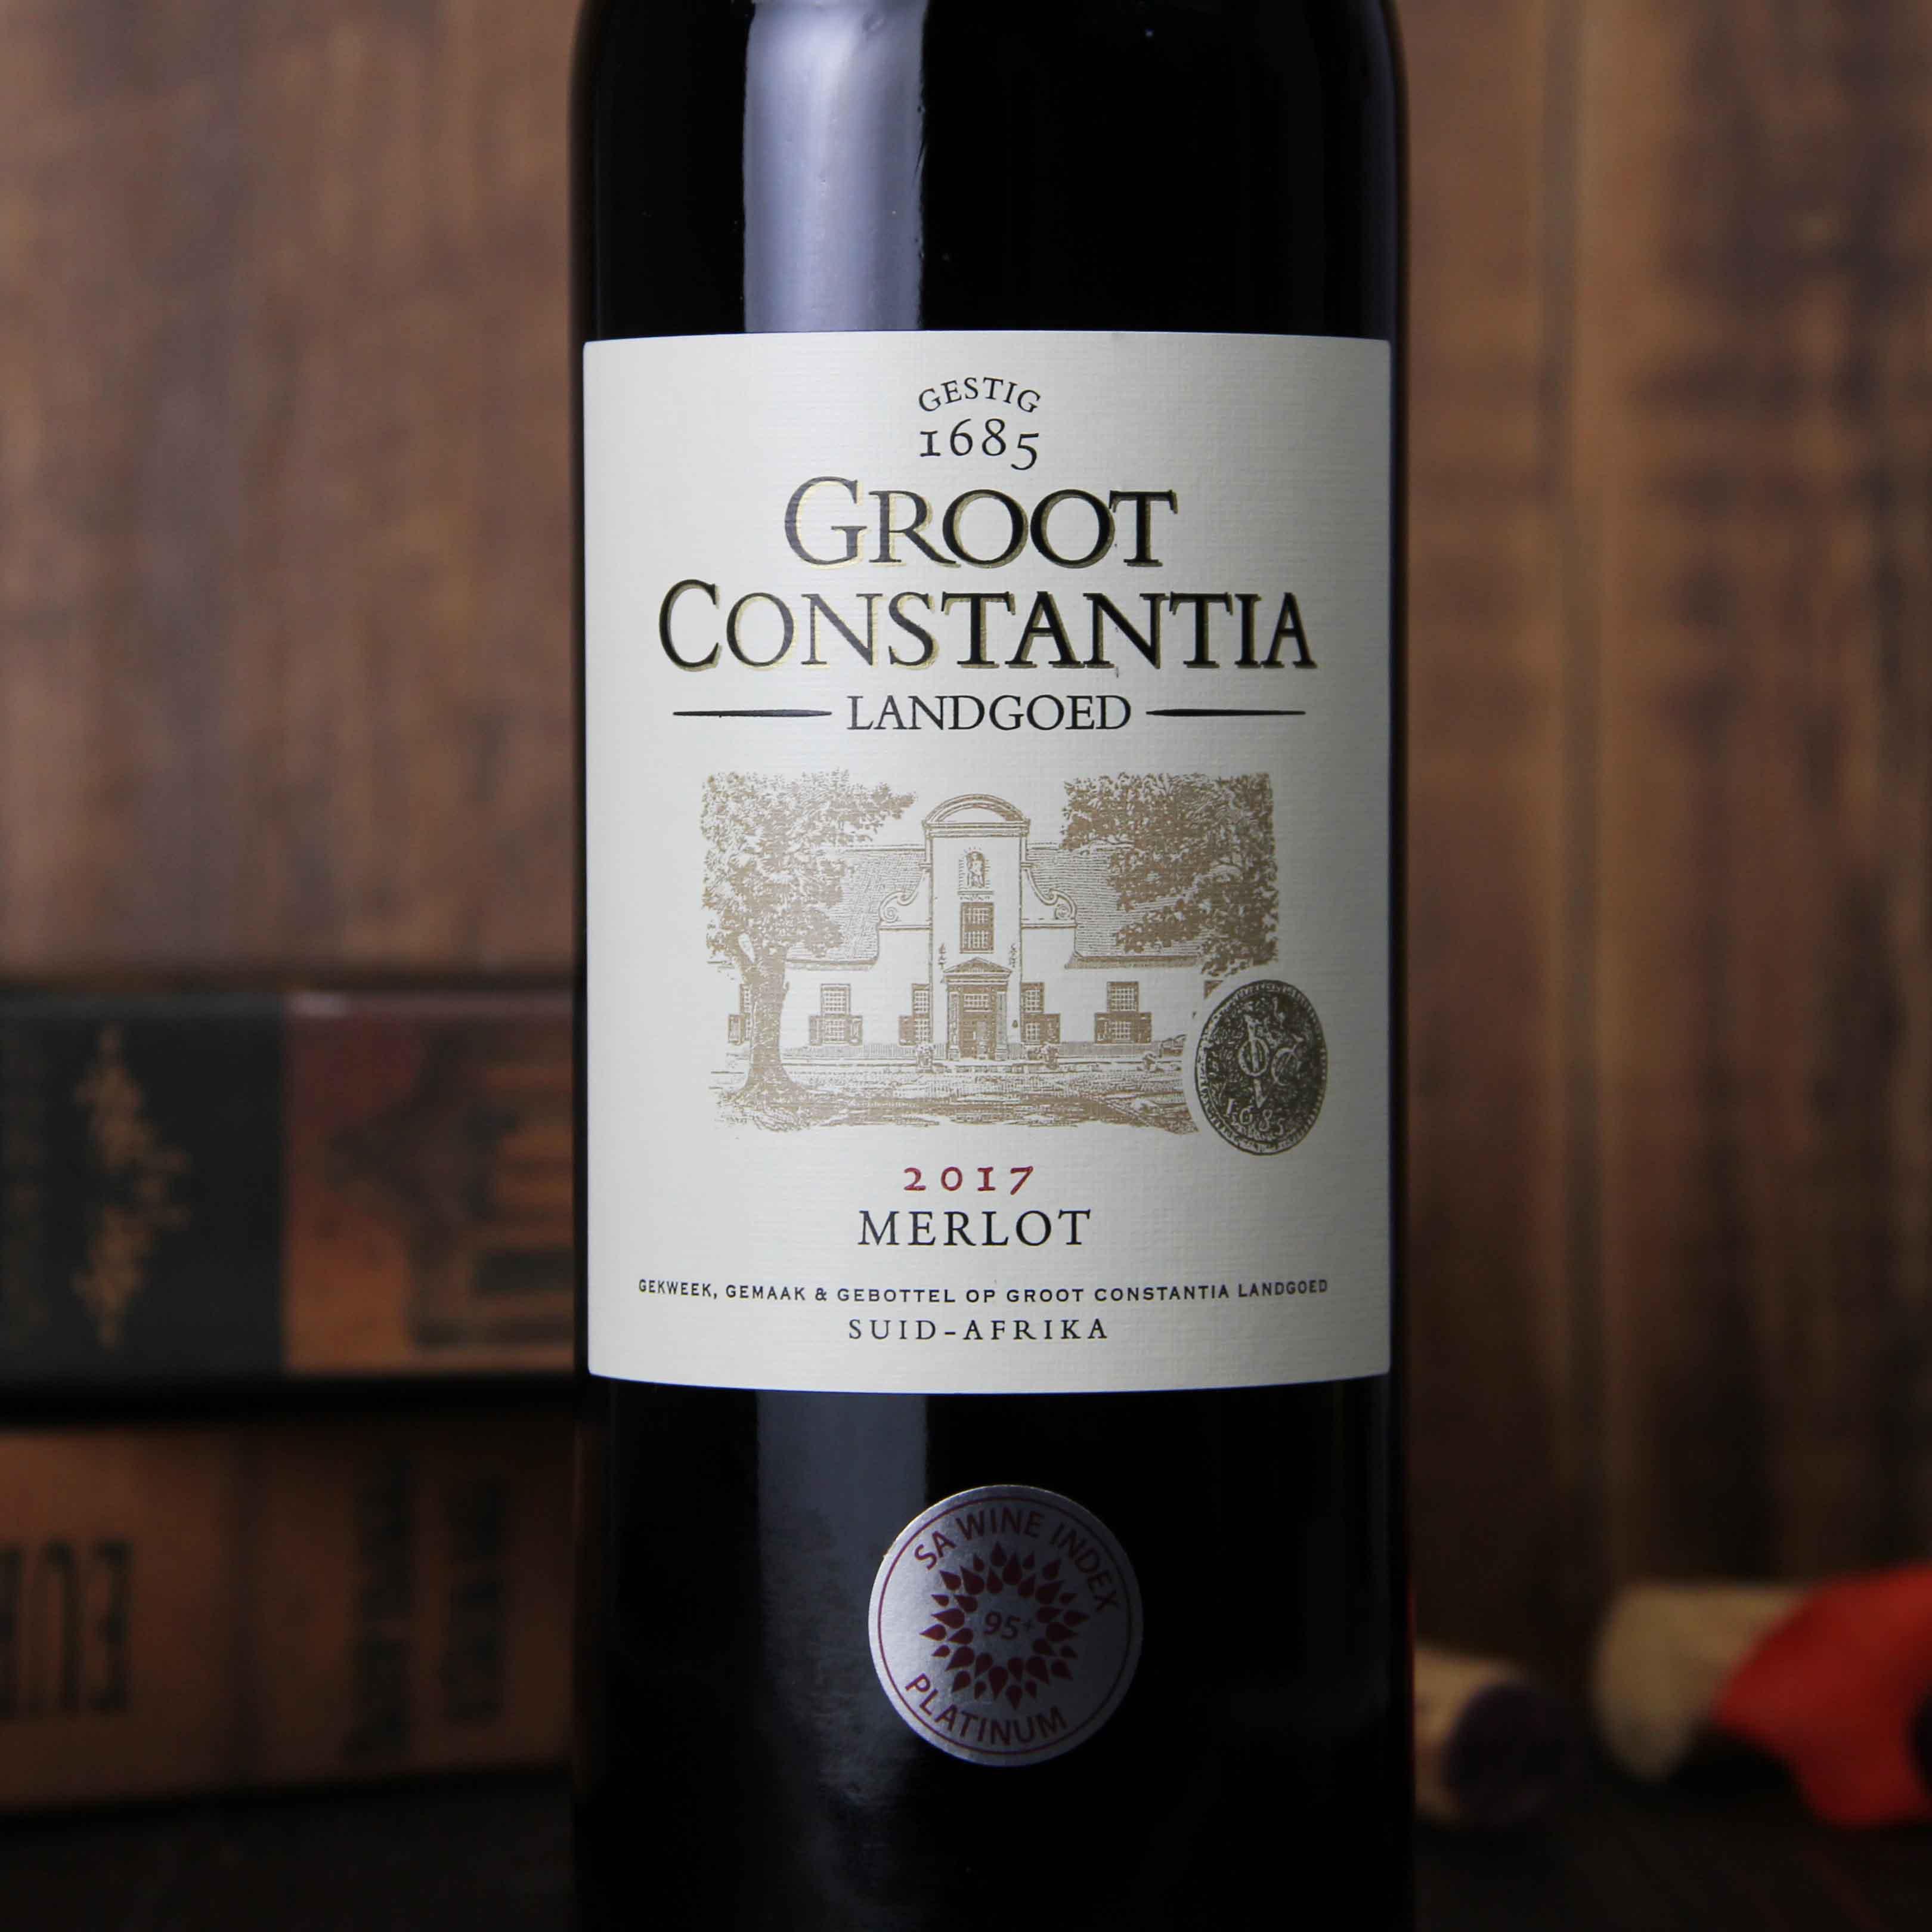 南非开普敦古特·康斯坦提亚酒庄梅洛红葡萄酒红酒